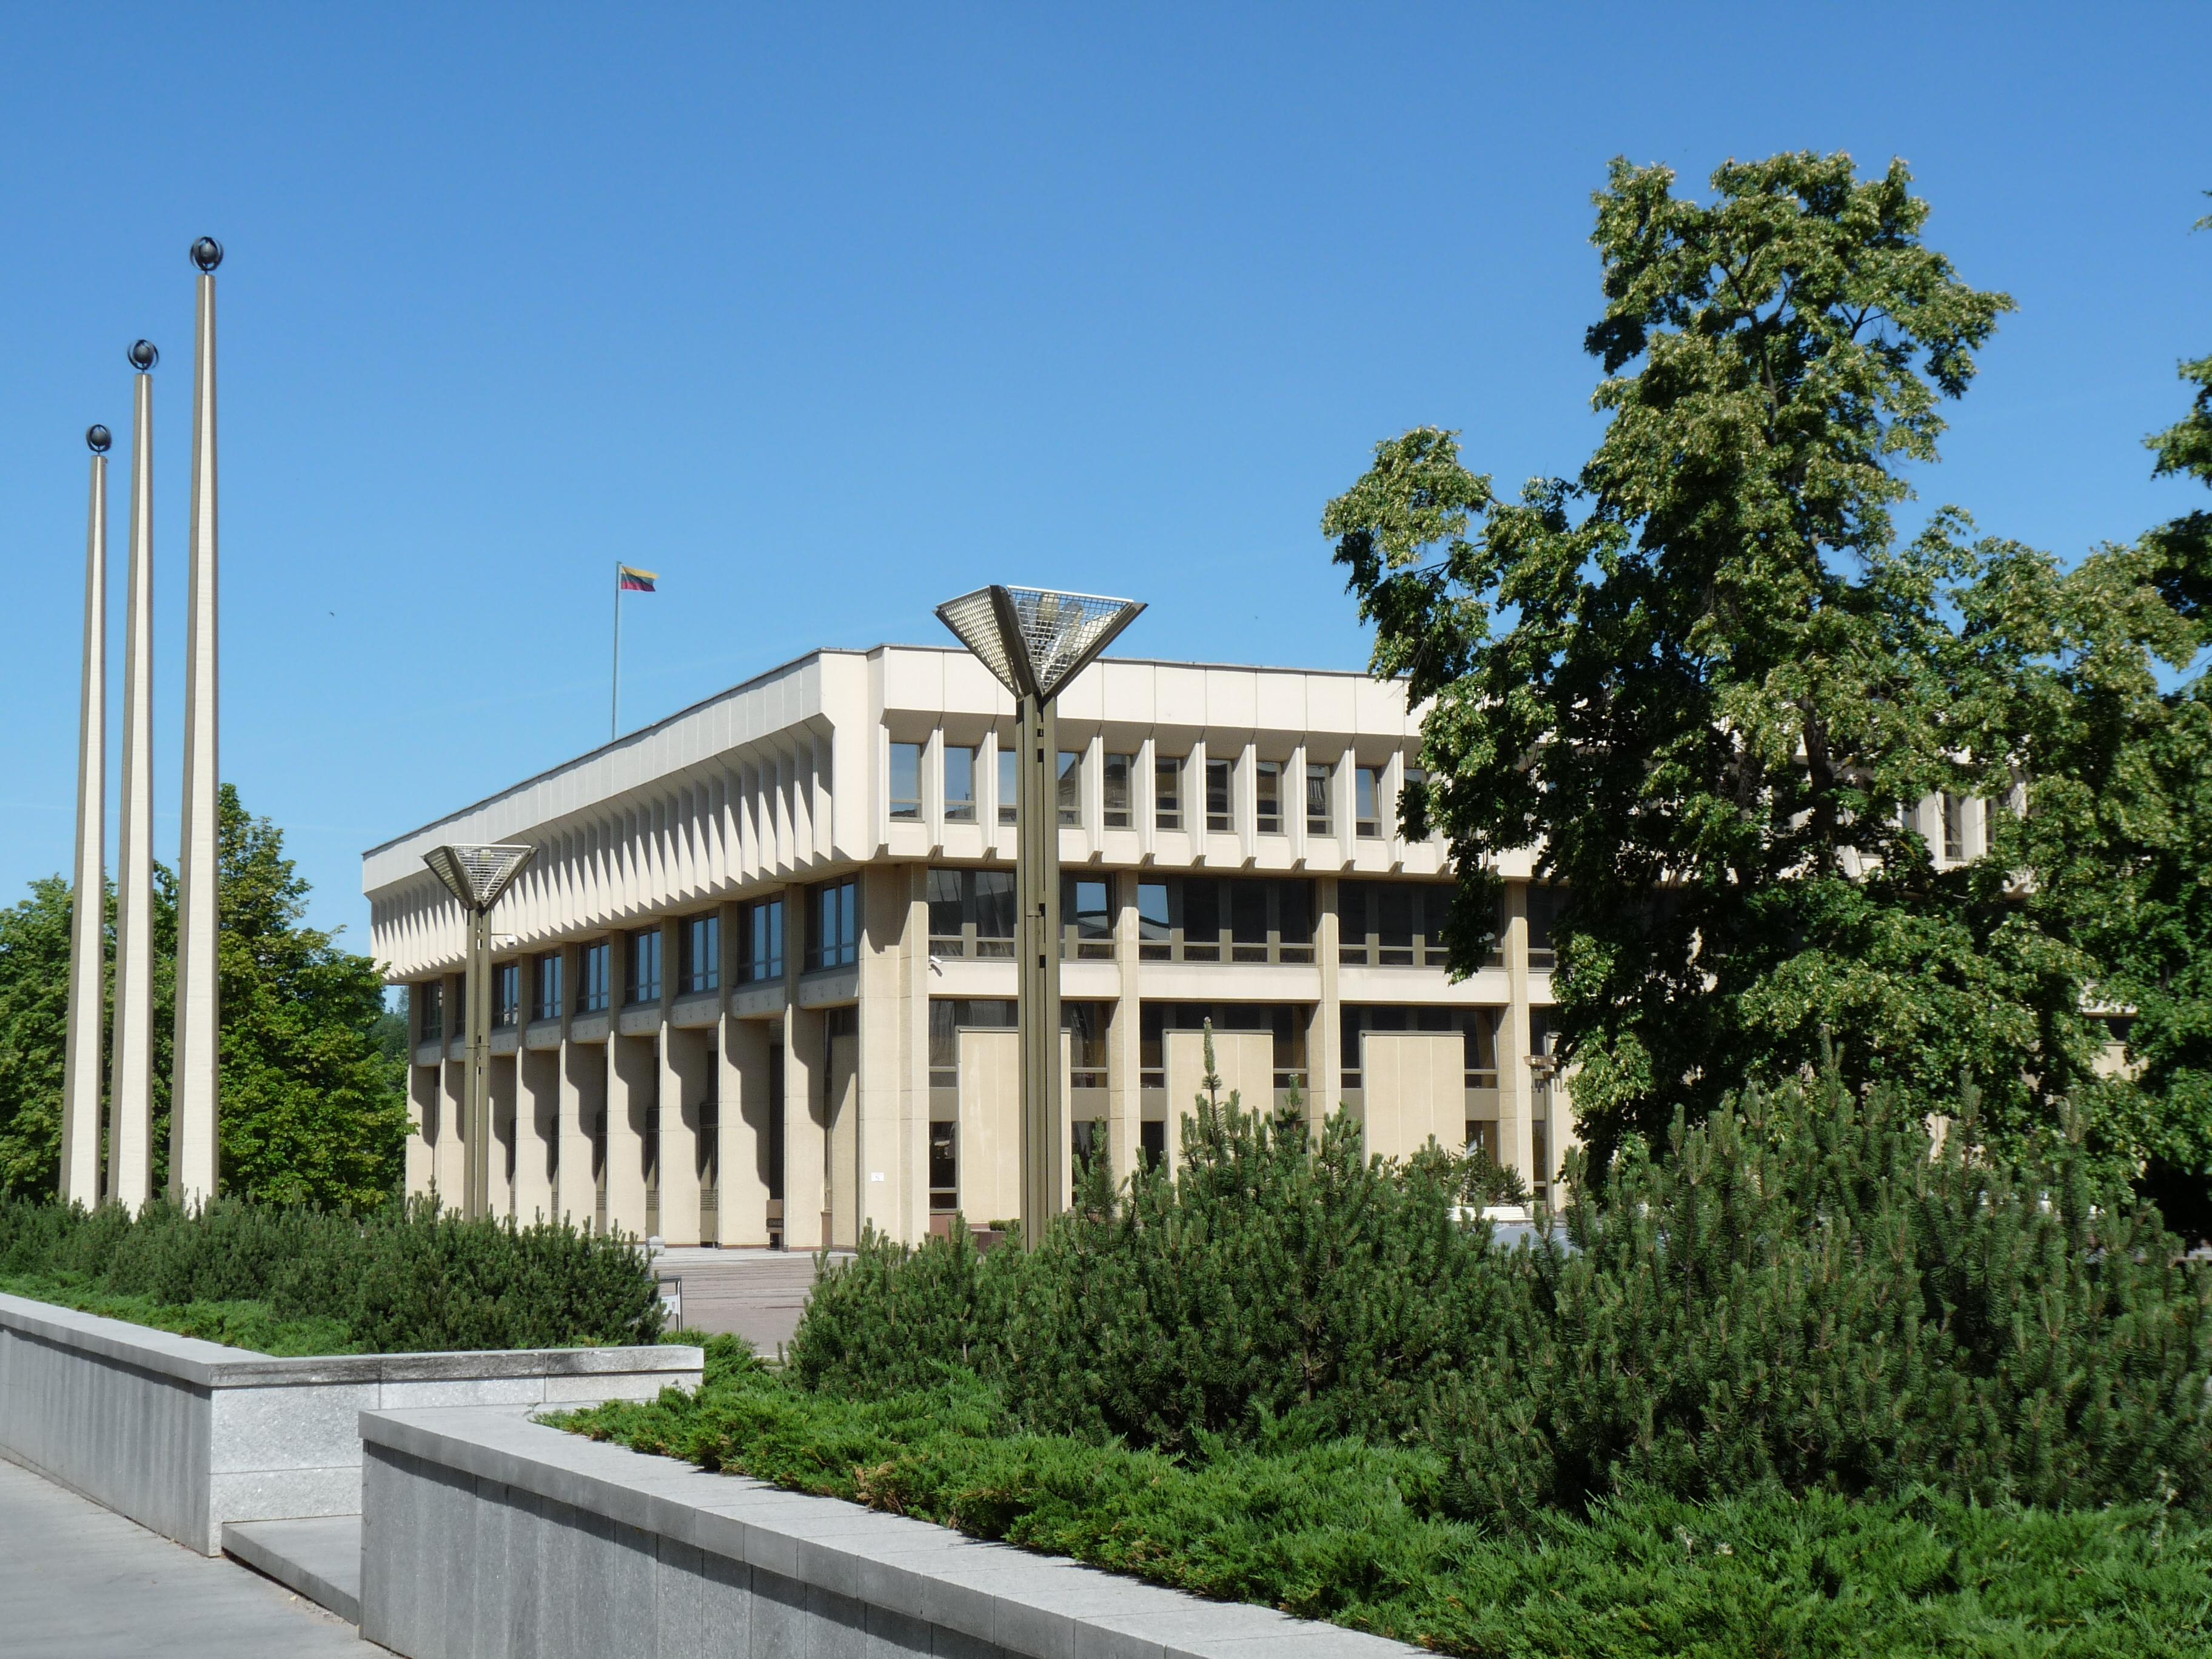 Vilnius Parliament Building